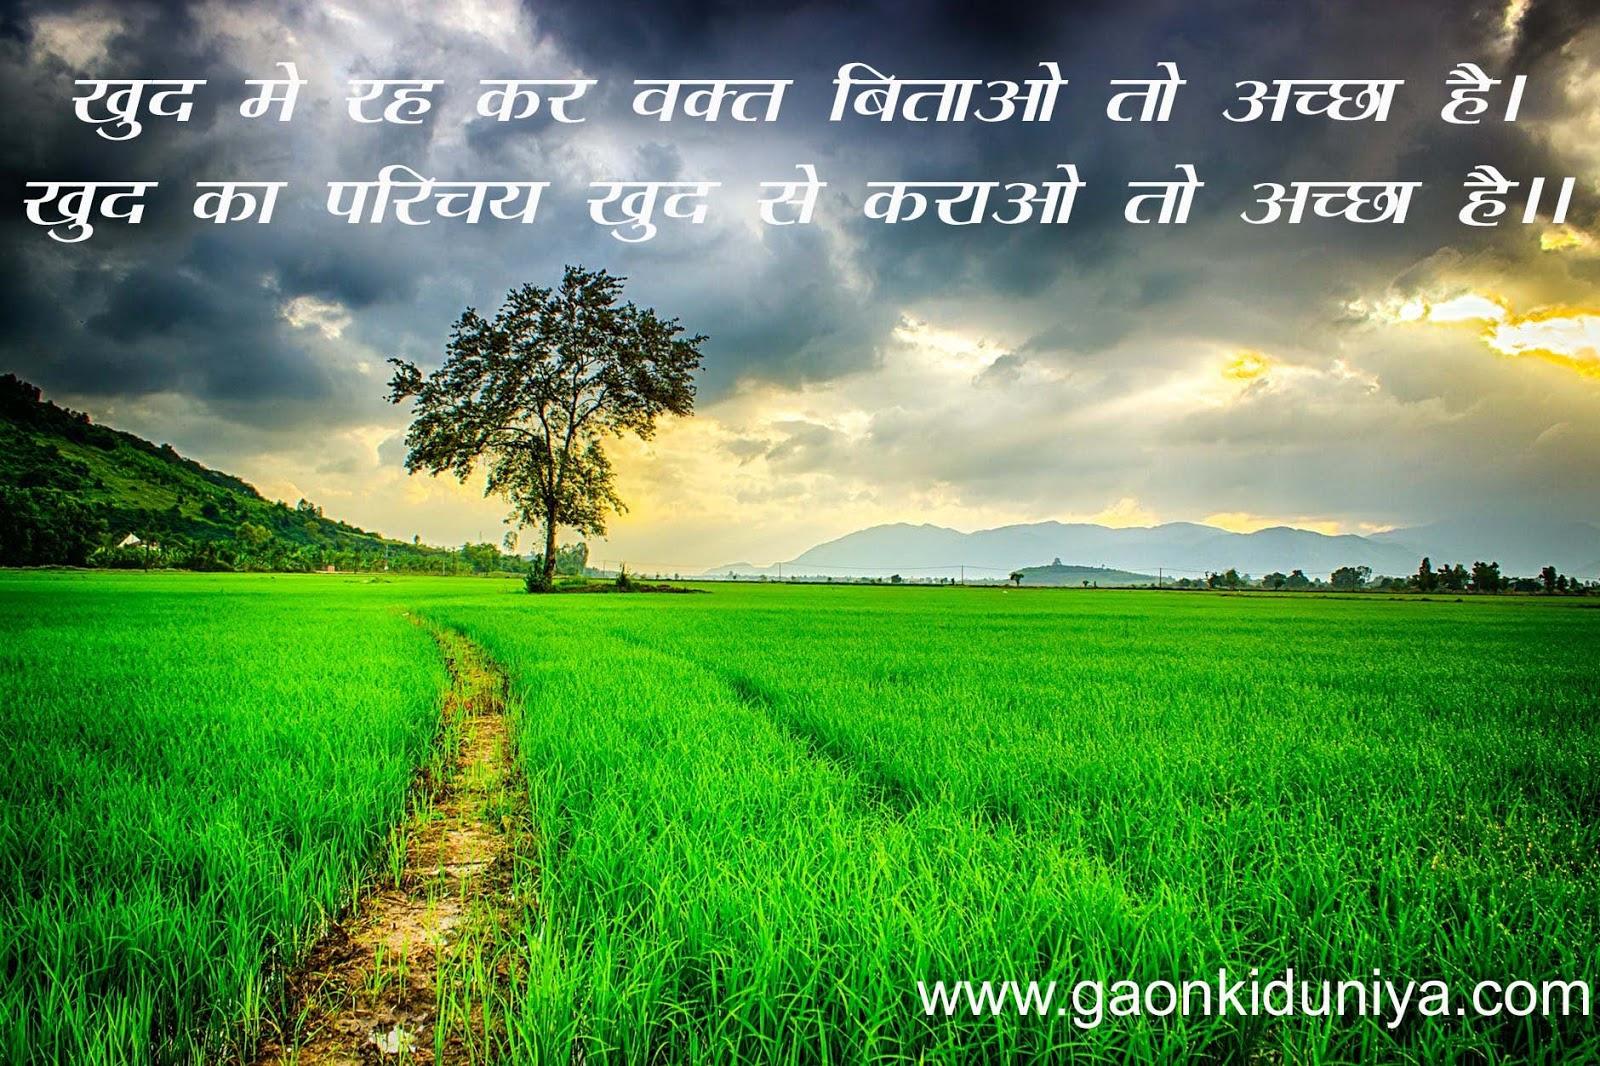 thaughts of the day, whats imegs, quats of hindi, hindi wall paper